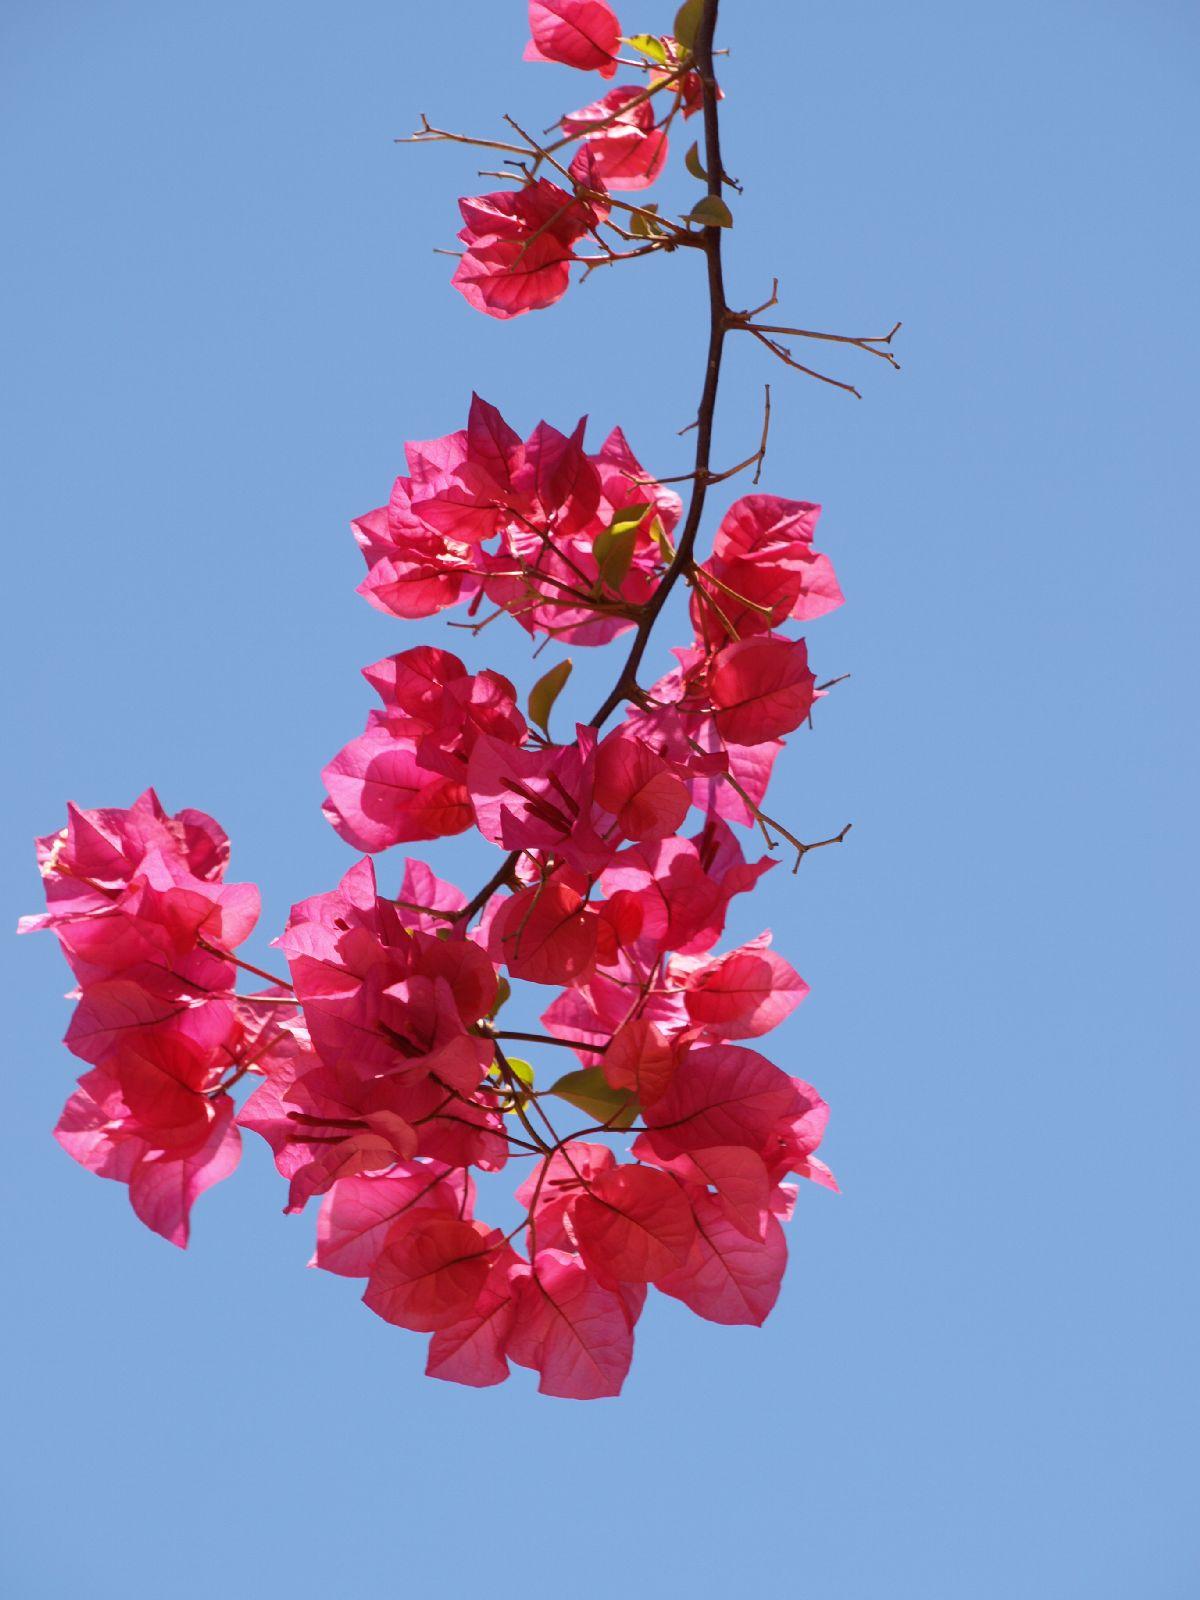 Pflanzen-Blumen-Foto_Textur_B_P5224267